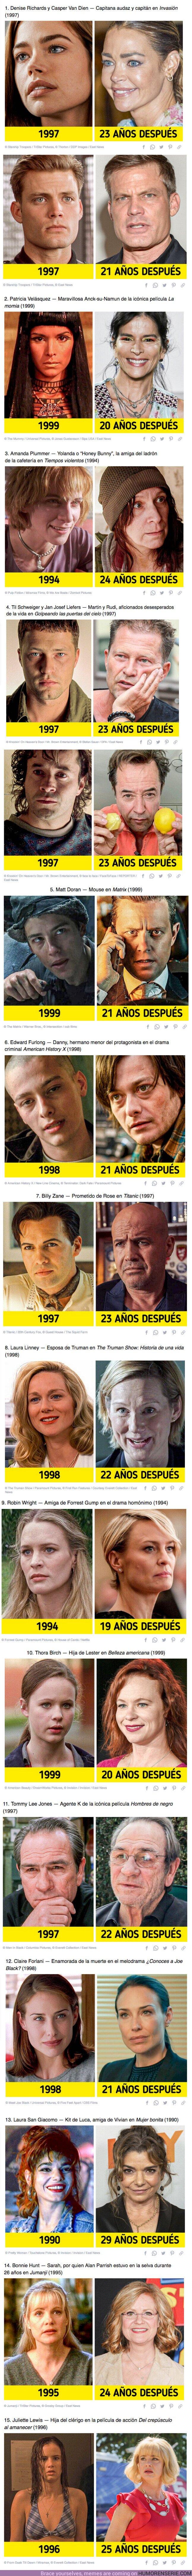 69576 - GALERÍA: Cómo se ven ahora 15+ actores de películas de los años 90 que aún siguen siendo populares